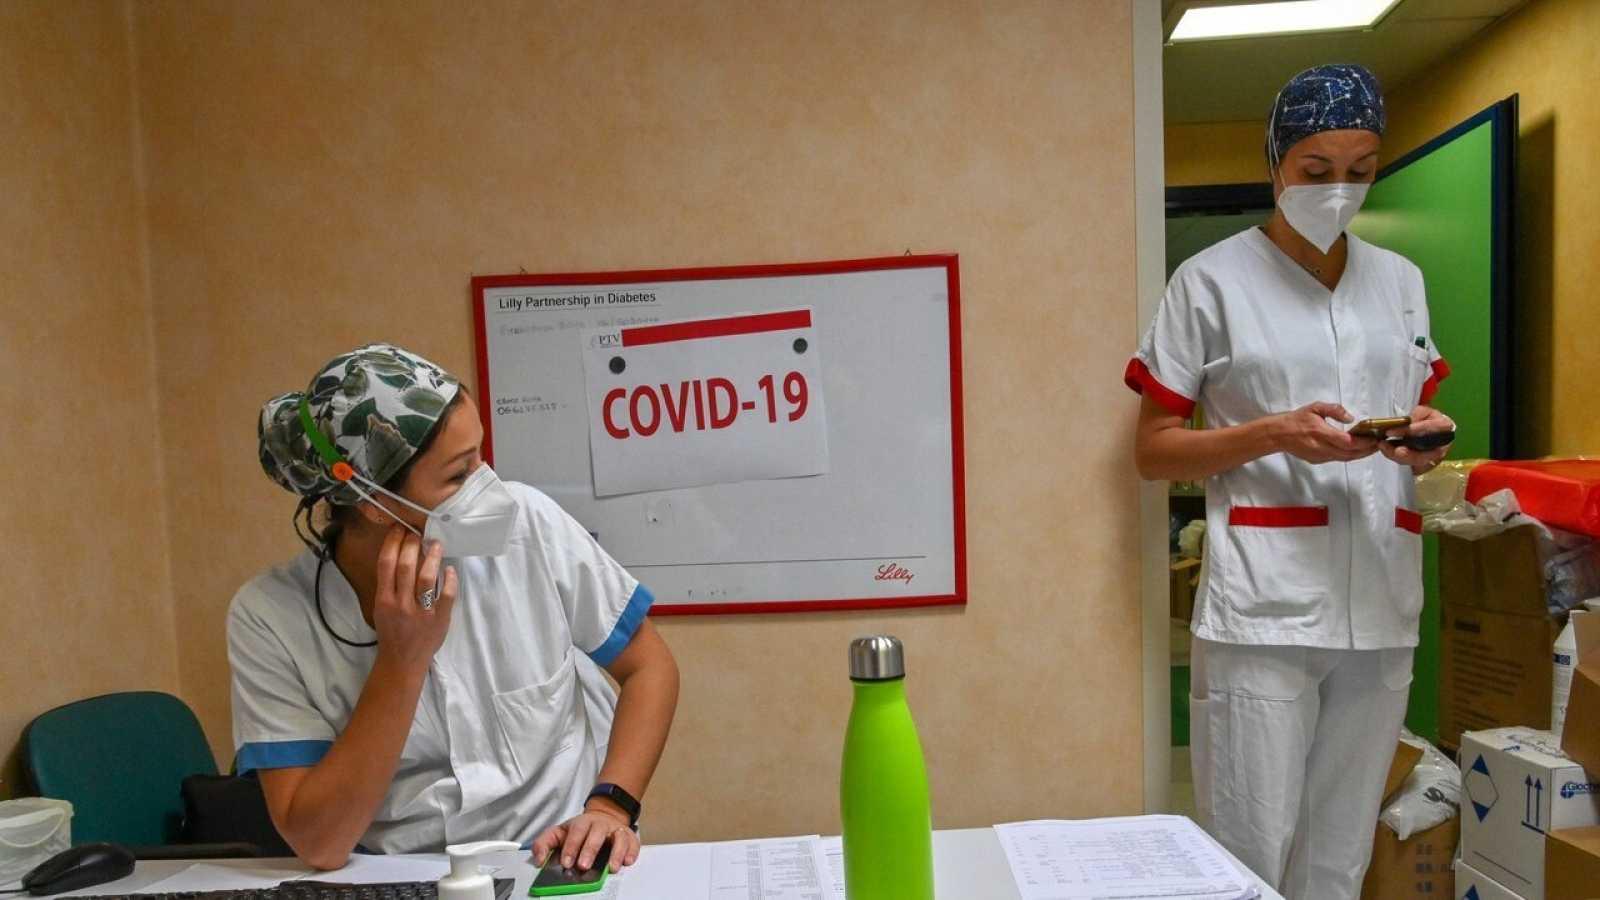 Enfermeras en la unidad de cuidados intensivos por COVID-19 del hospital Tor Vergata, en Roma (Italia). ANDREAS SOLARO / AFP